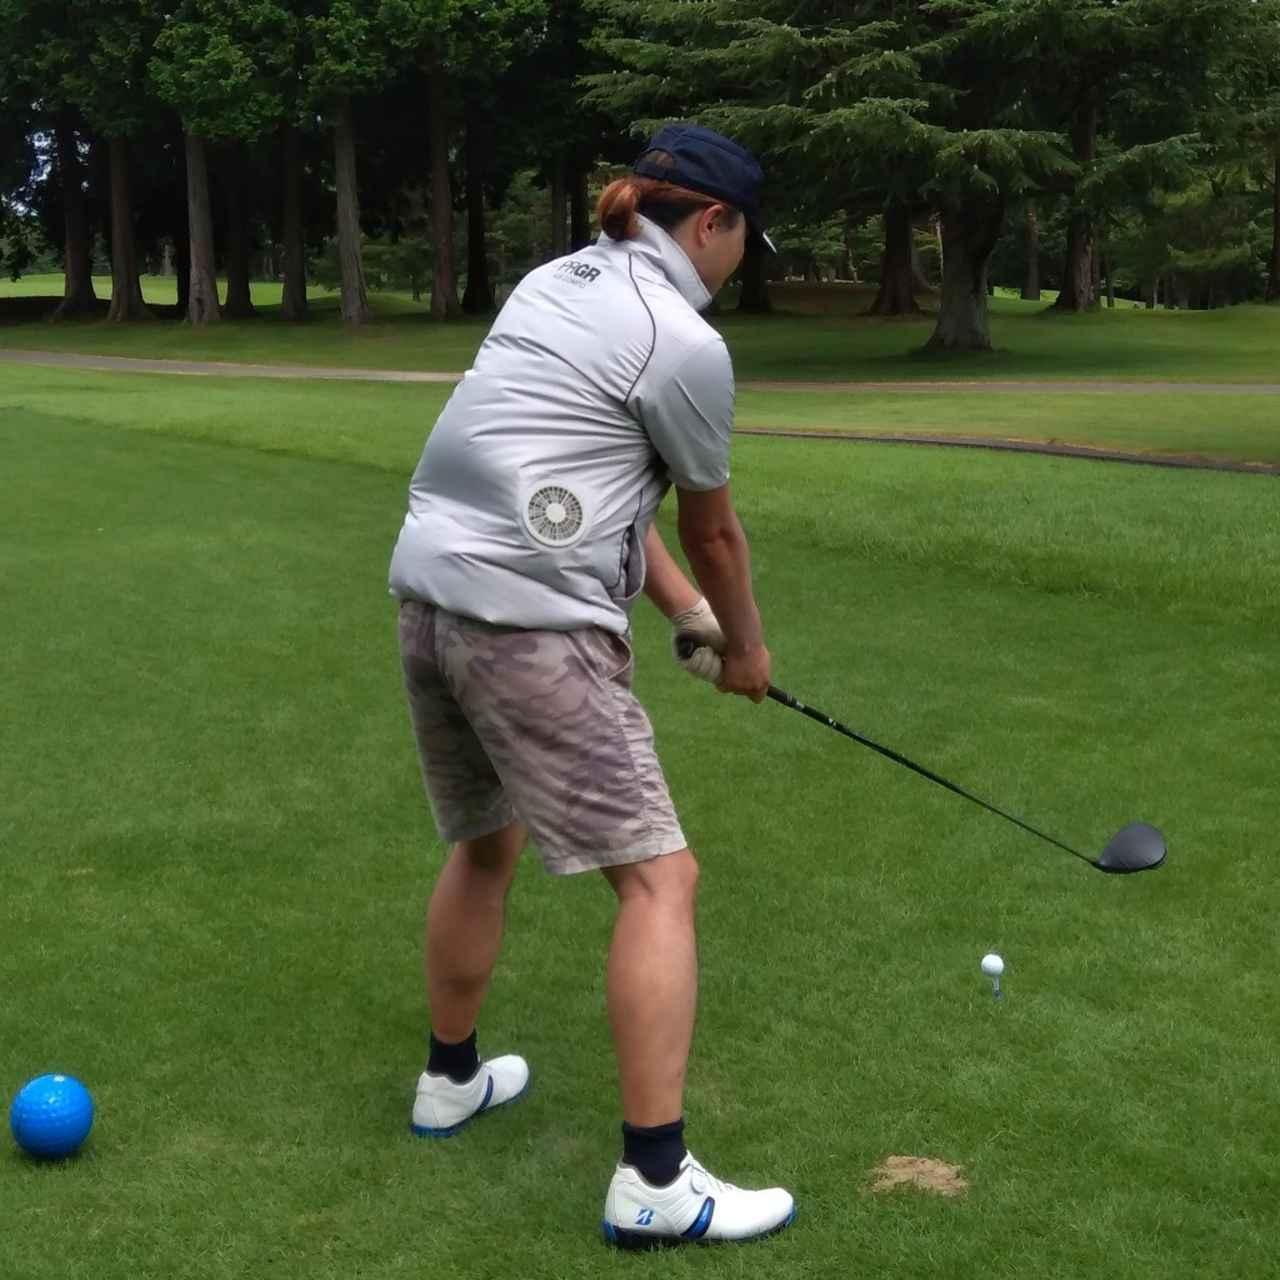 服 ゴルフ 空調 ゴルフに最適な空調服 プロが選ぶ本気推しランキング【2021